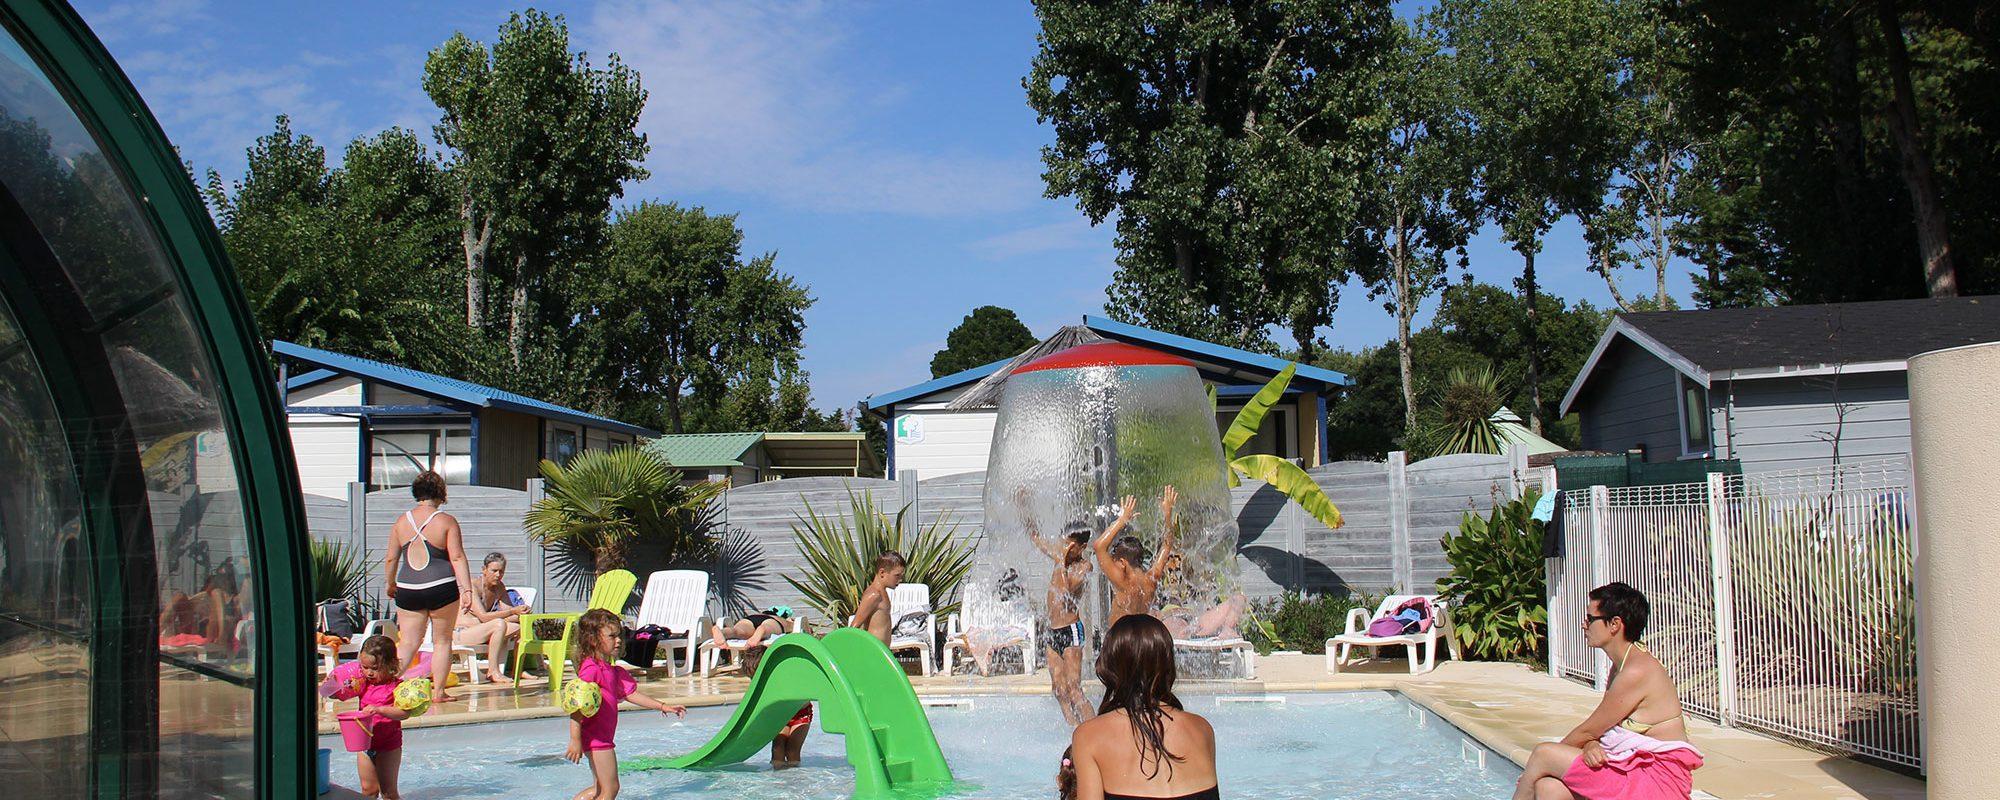 Piscine couverte camping 3 étoiles Guérande